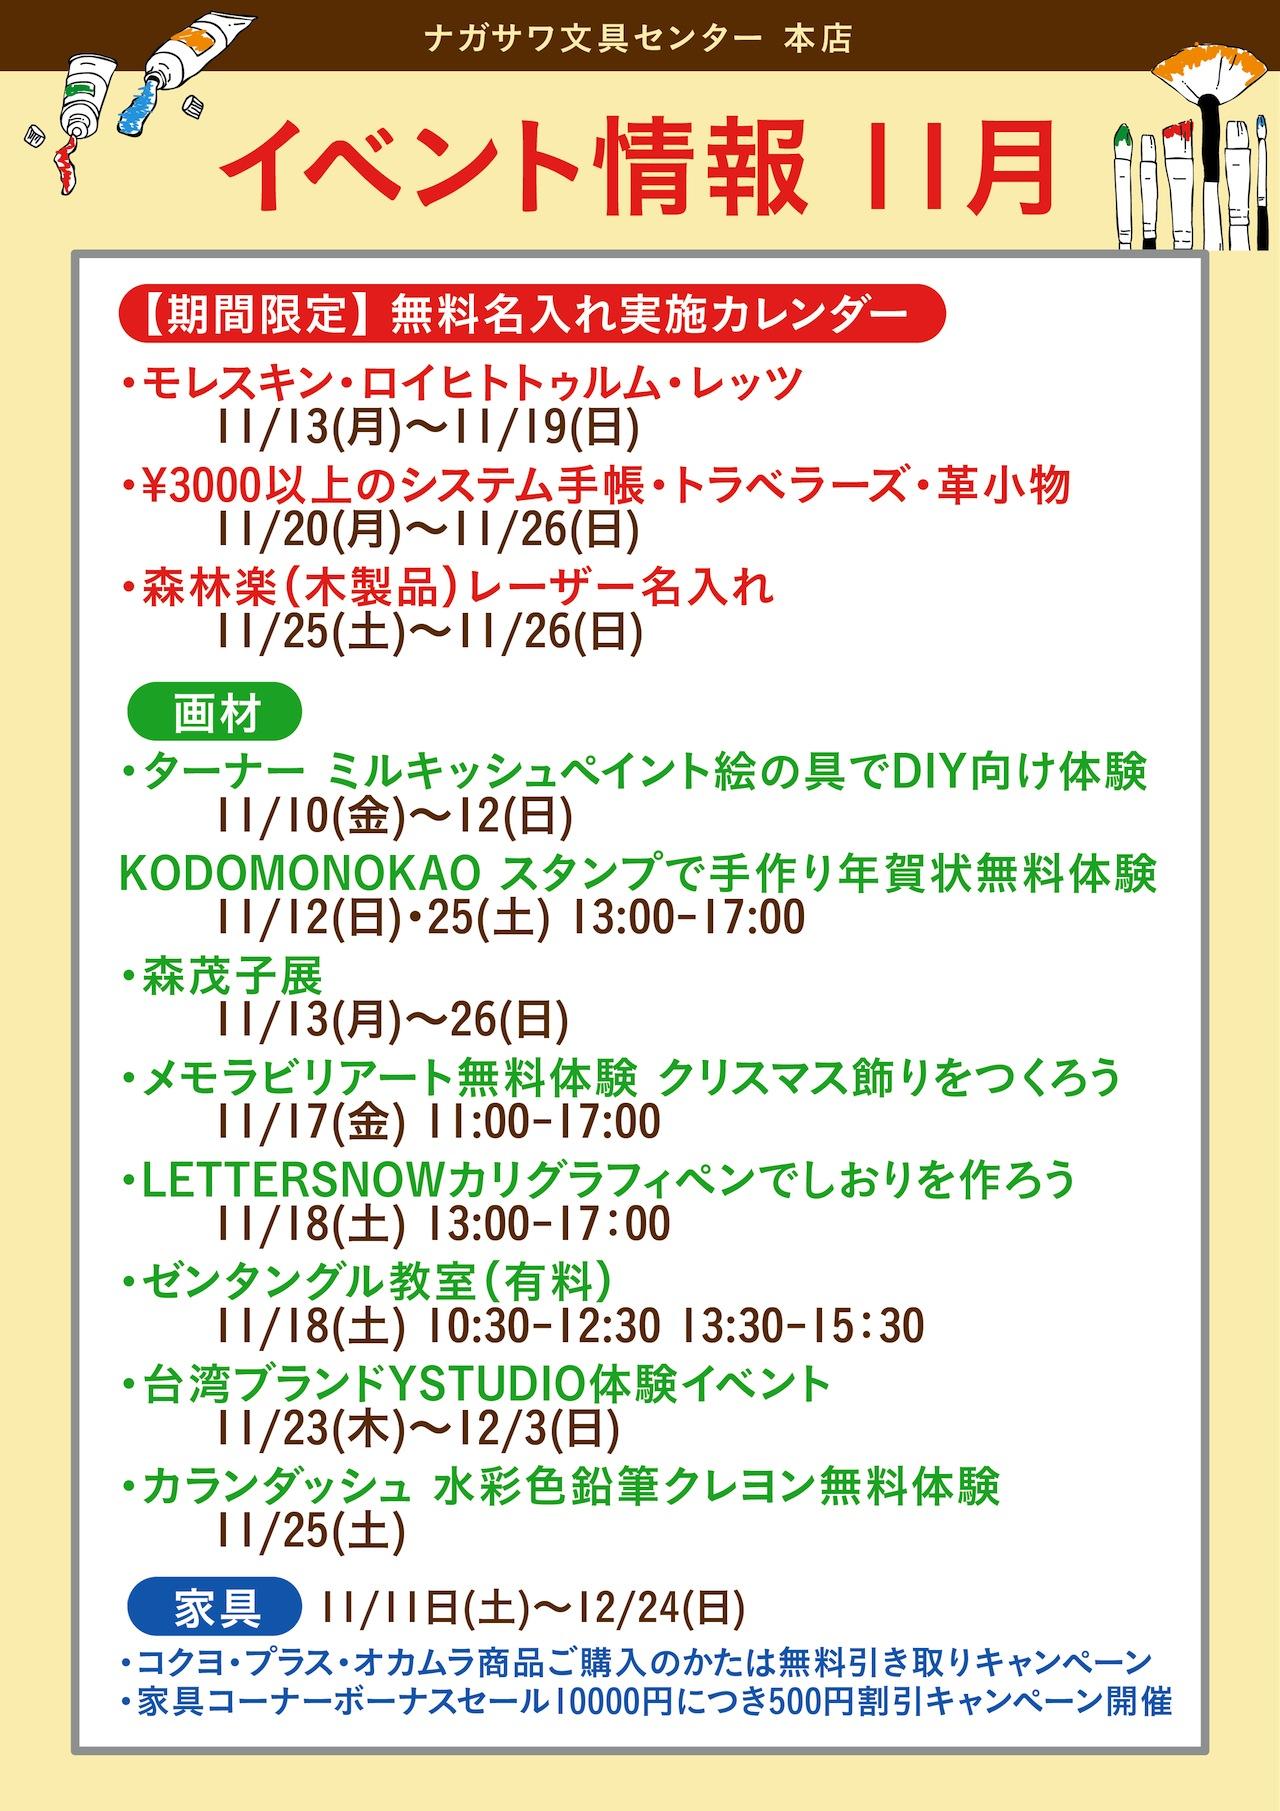 本店11月イベント情報